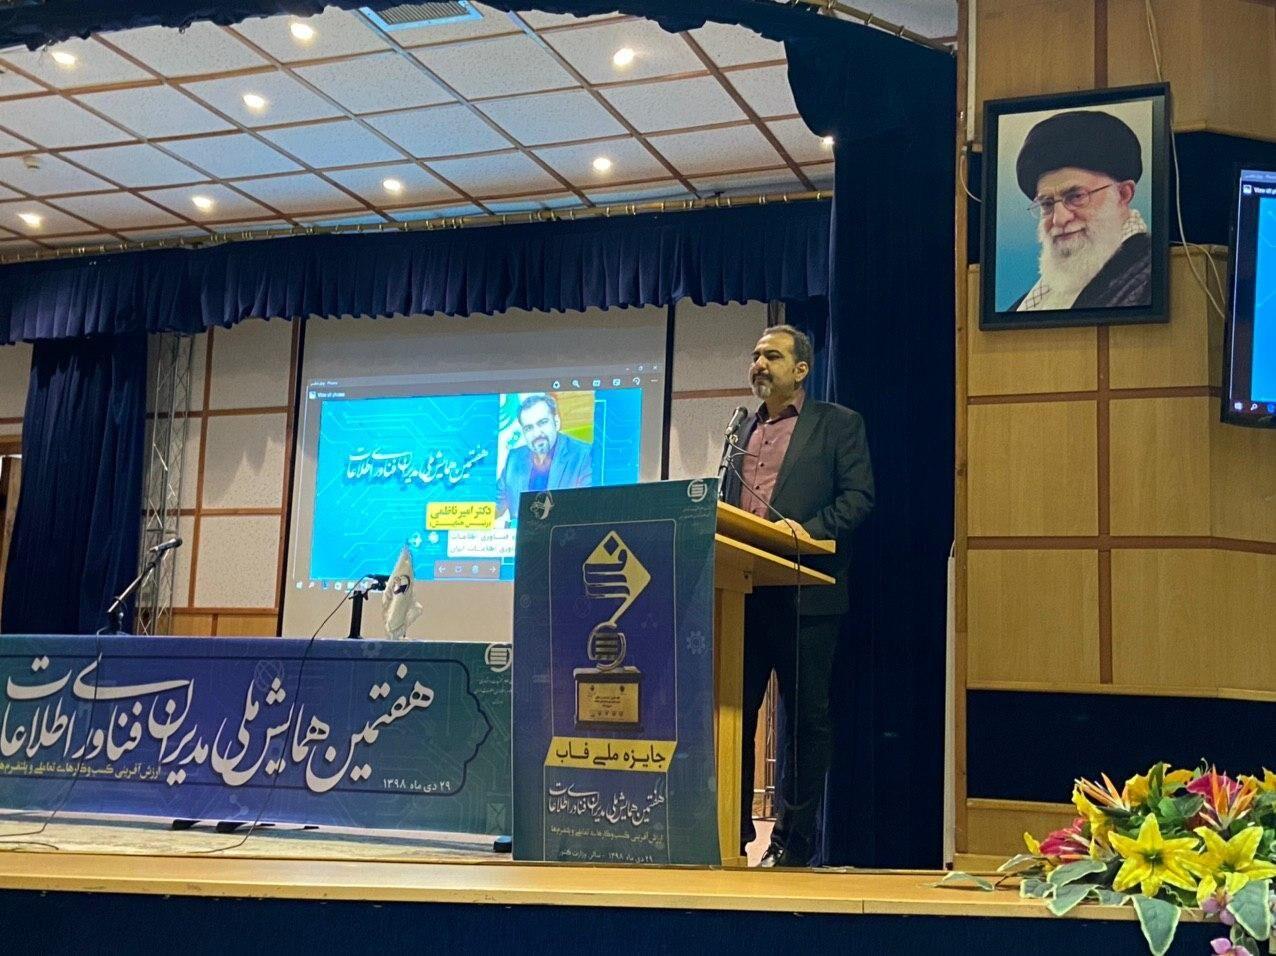 رییس سازمان فناوری از نیاز ایران به ایجاد زیرساخت برای «اقتصاد پلتفرمی» میگوید